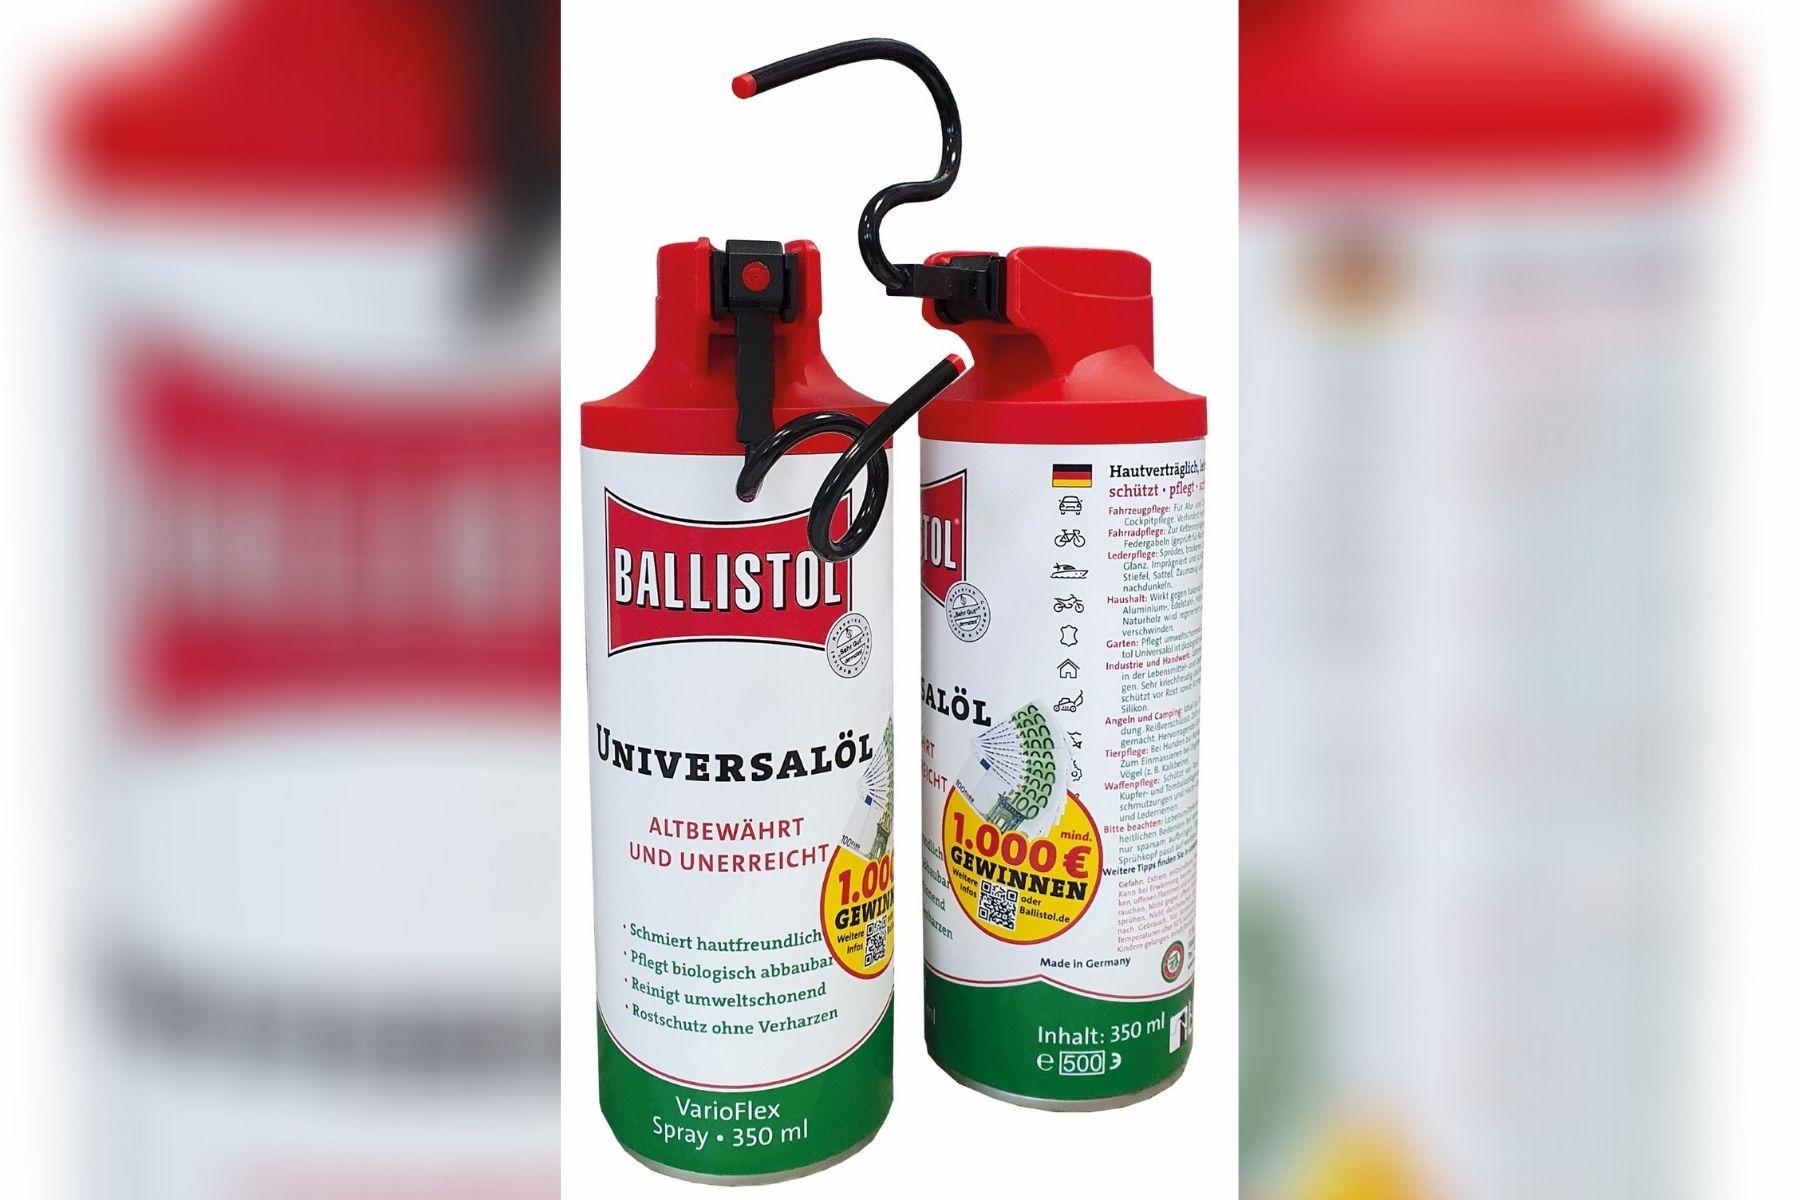 BALLISTOLs VarioFlex-Gewinnspiel geht in die Verlängerung